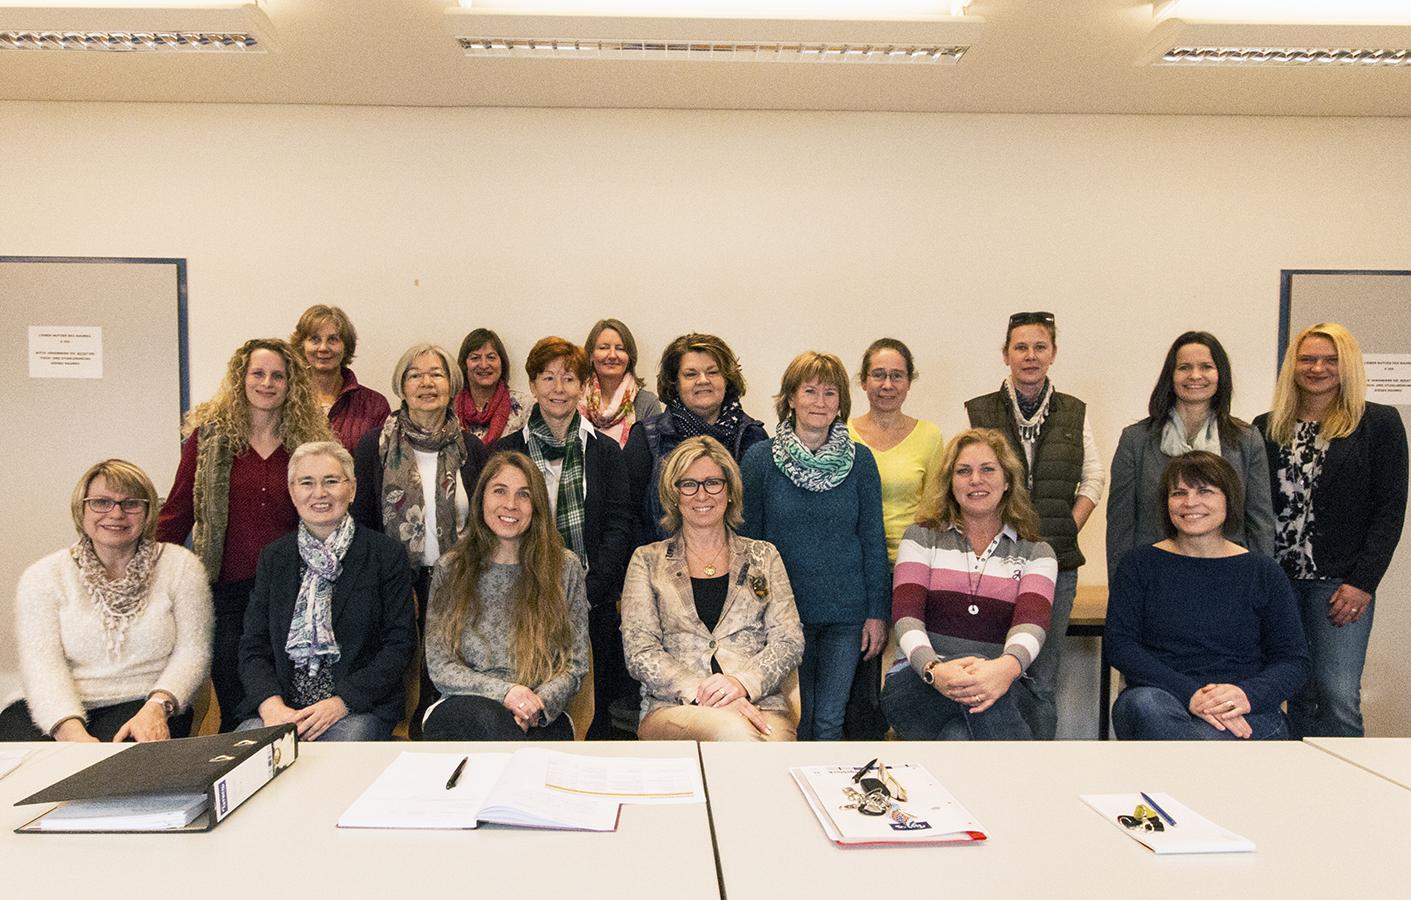 Setzen sich für die Rechte ihrer Berufsgruppe ein: Die Sekretärinnen am Campus Koblenz. Foto: Hiller.